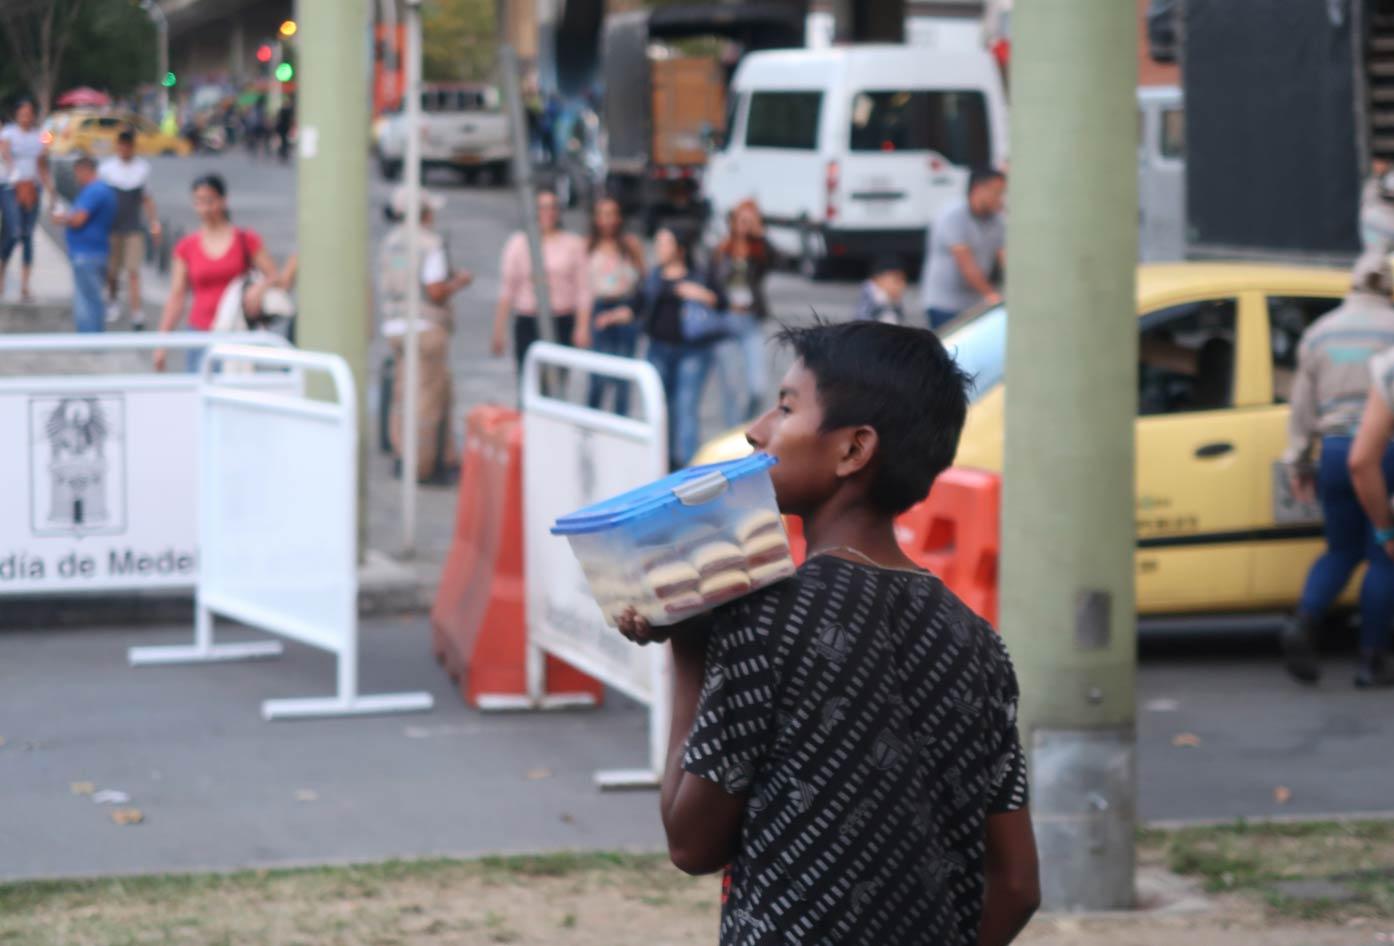 medellin street vendor